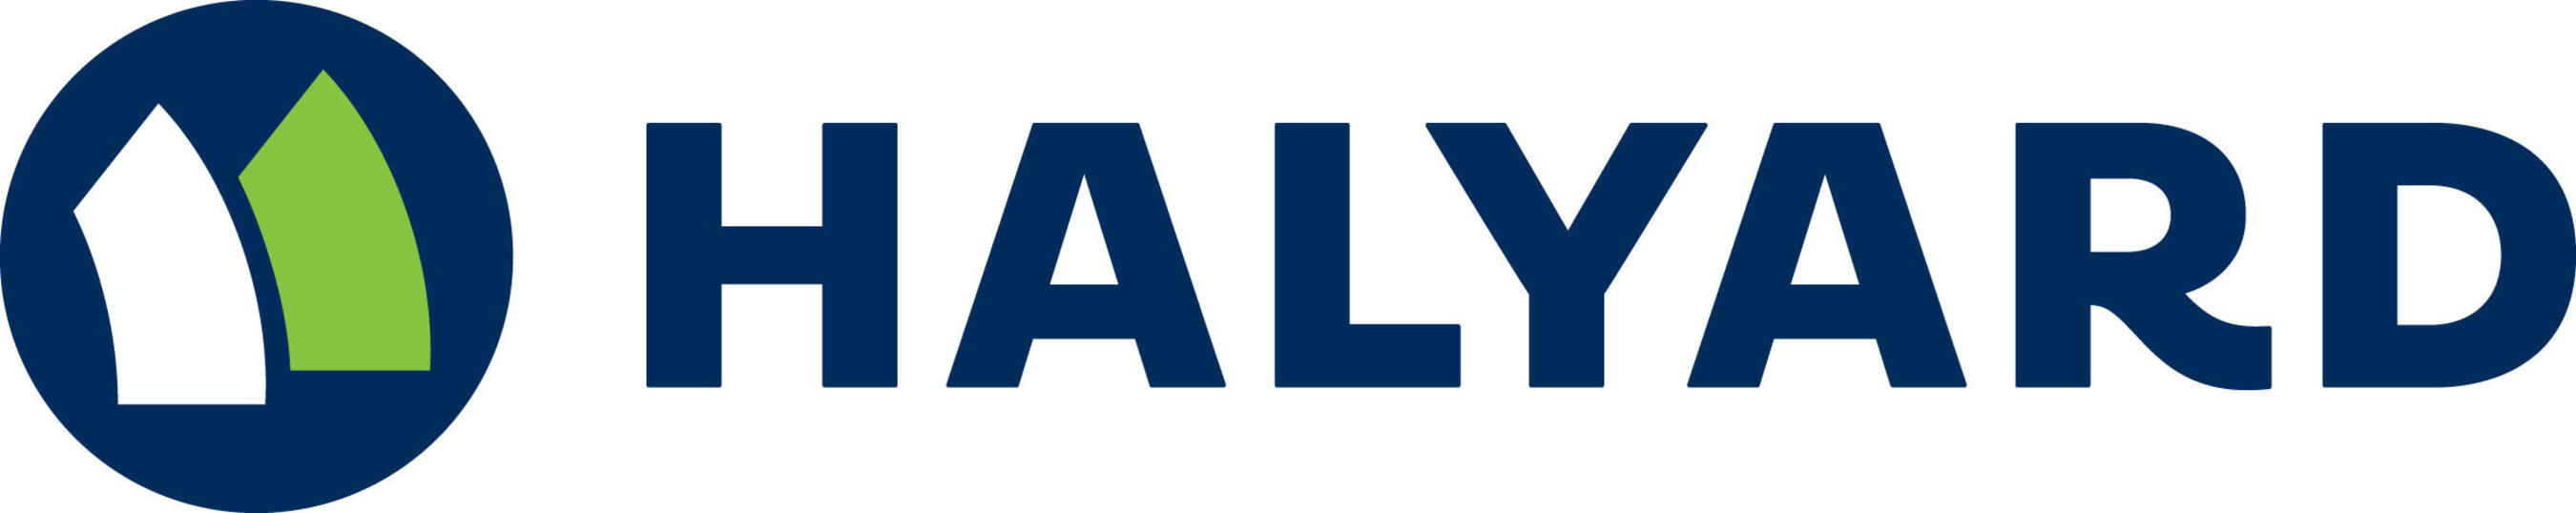 Image result for halyard logo